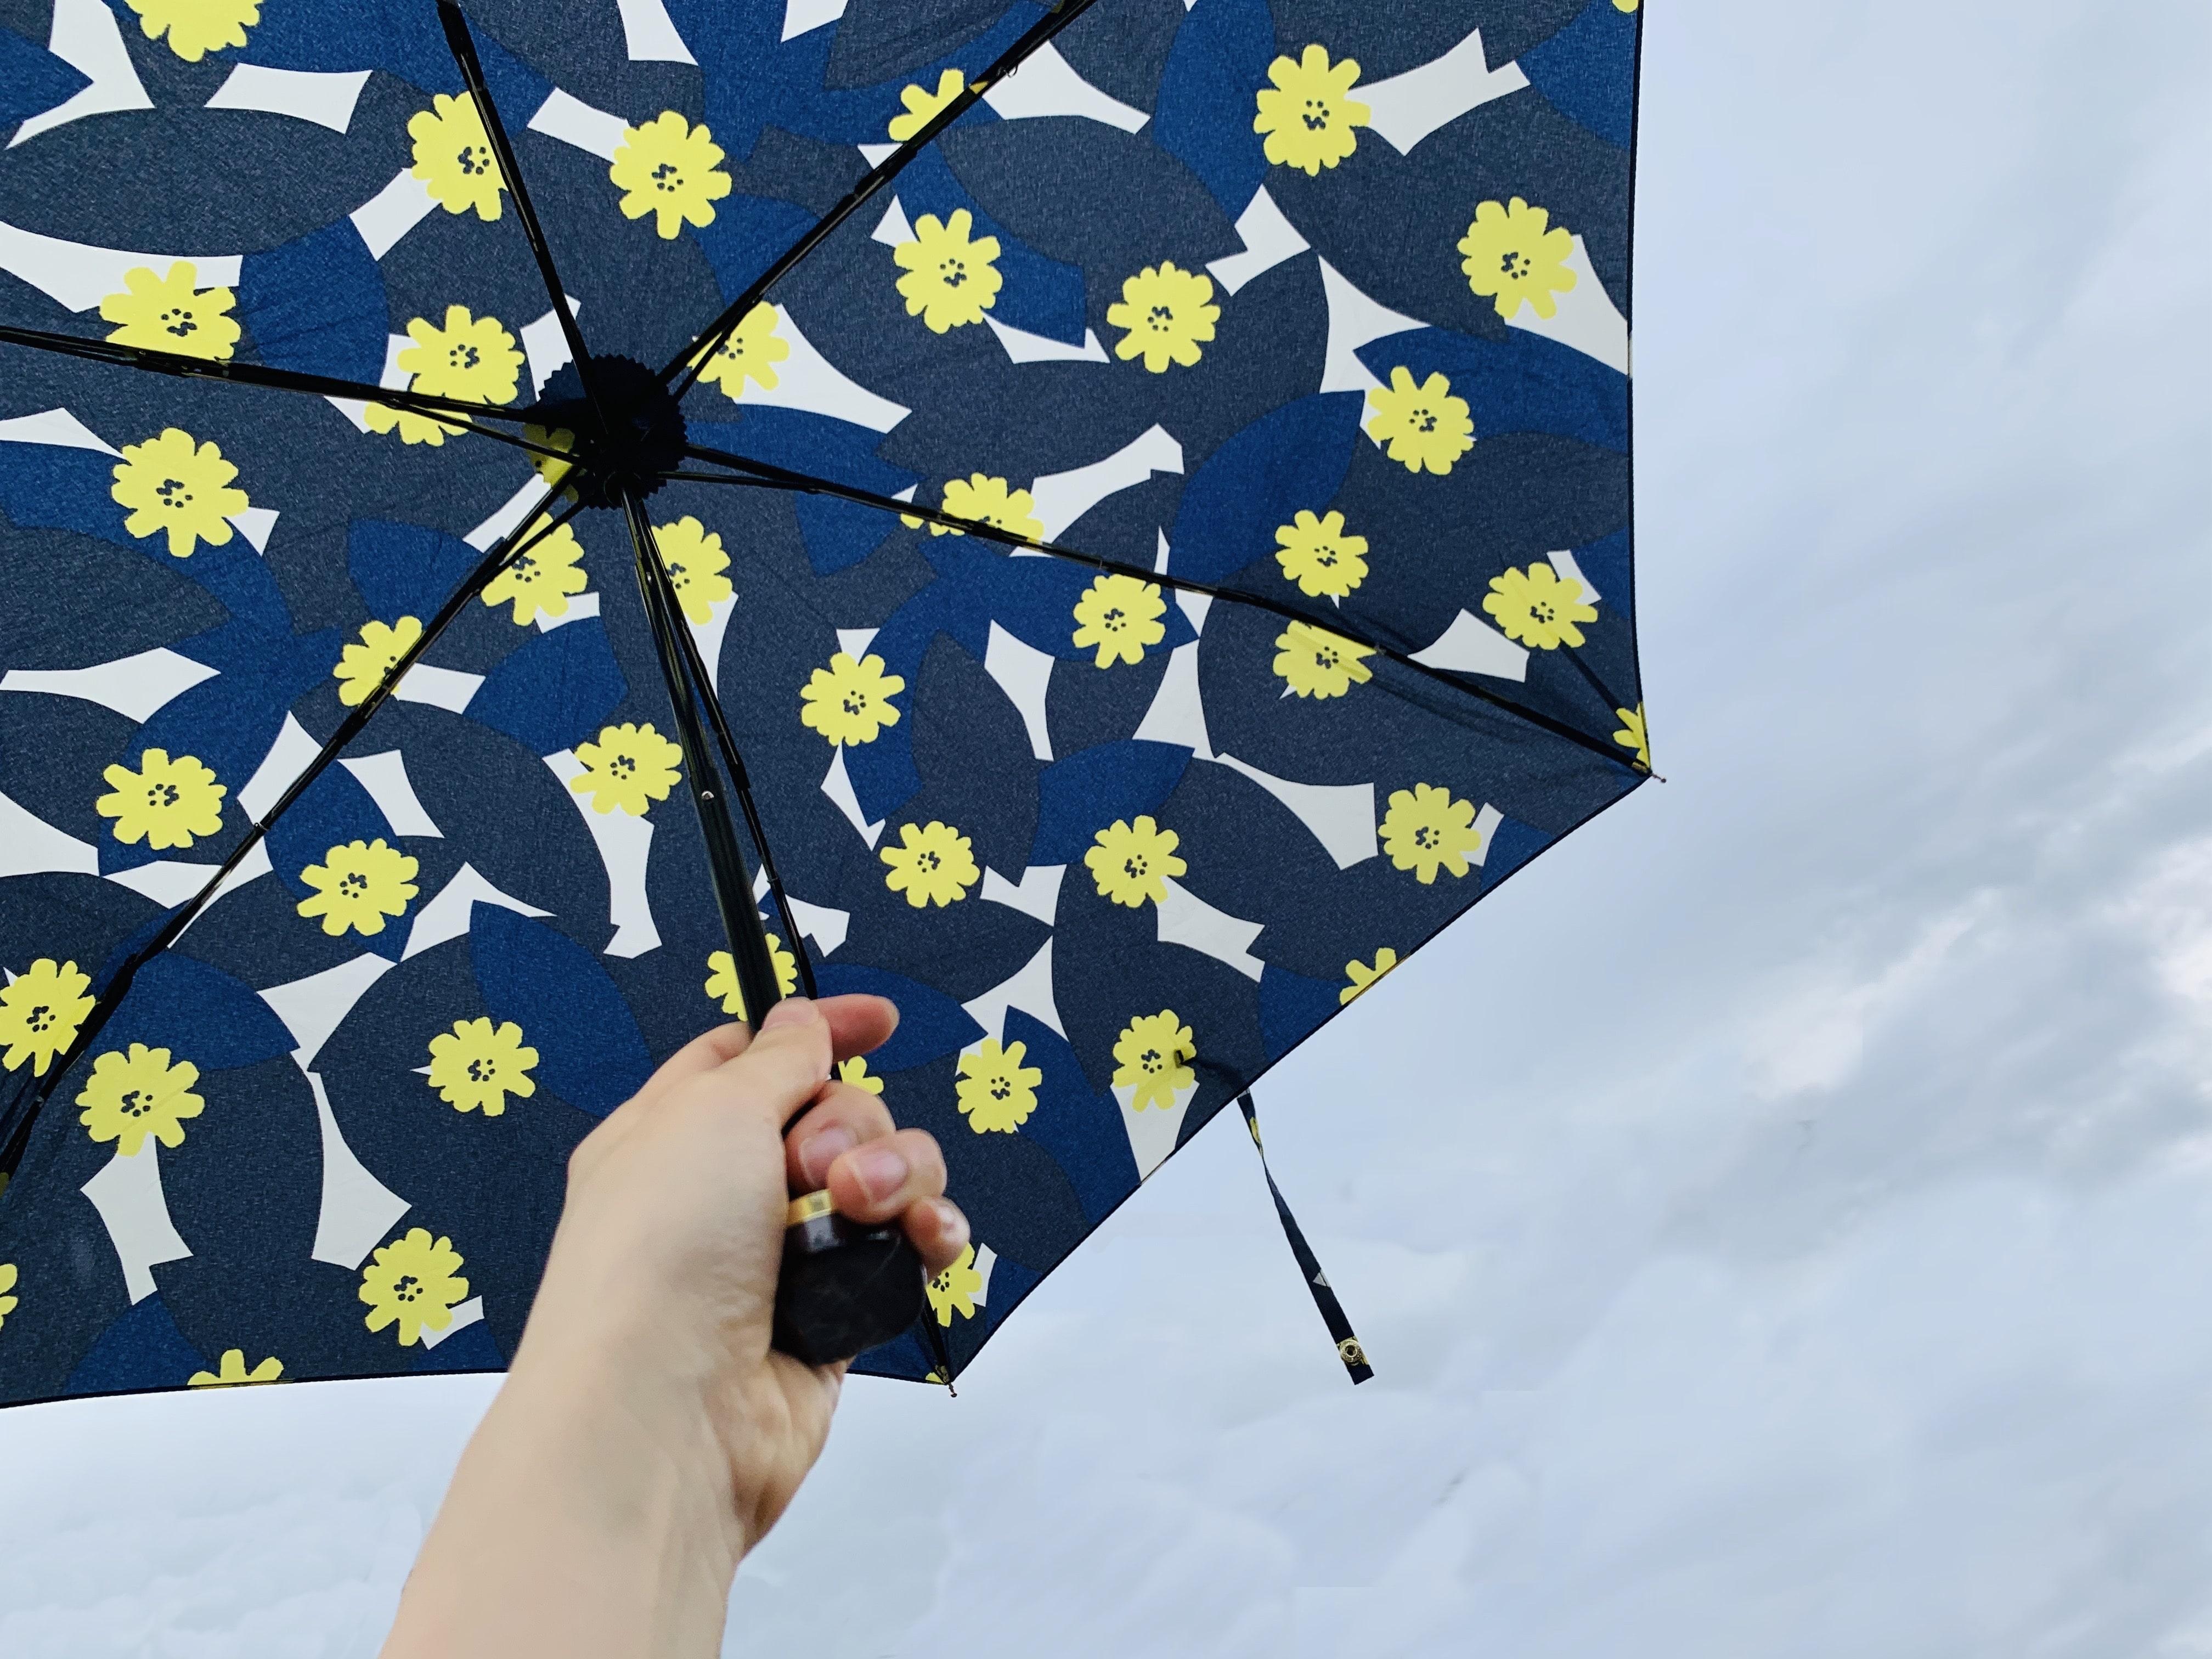 傘を持つ手